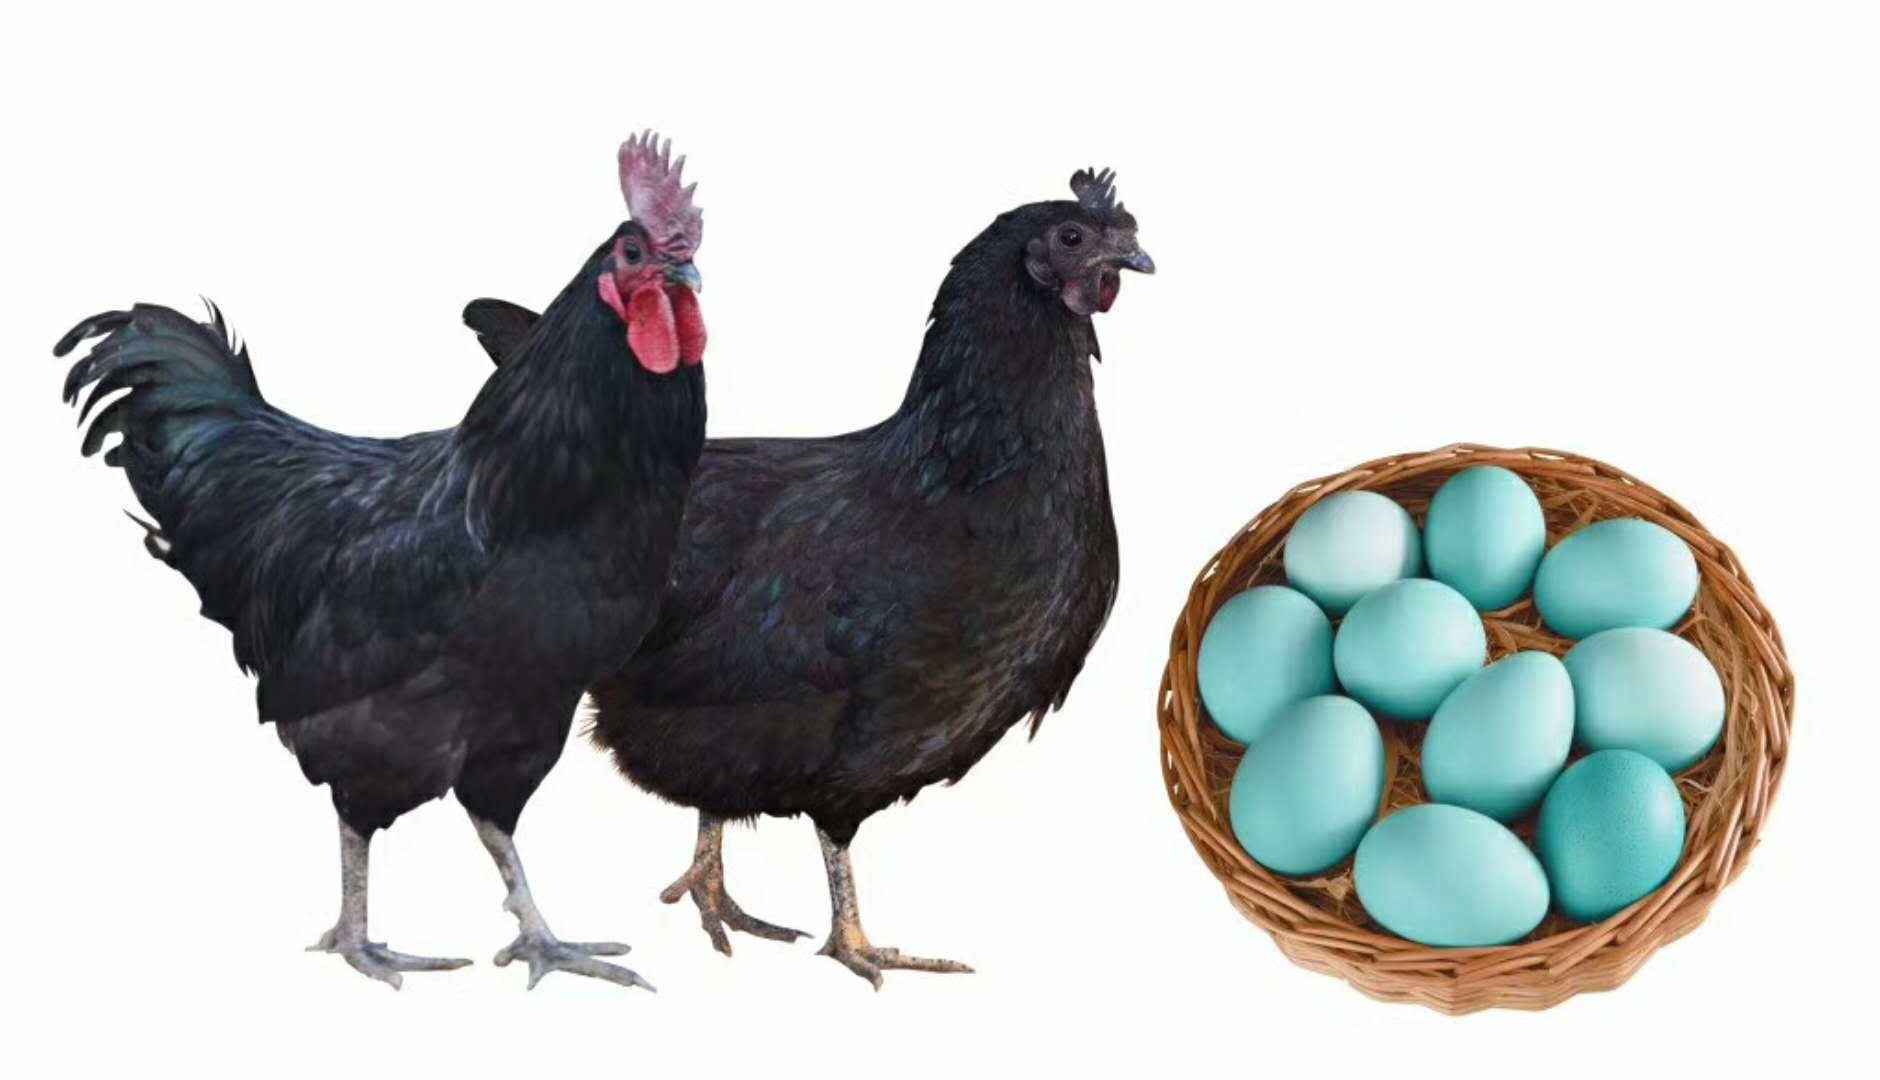 密山繁殖绿壳蛋鸡商品鸡的价格